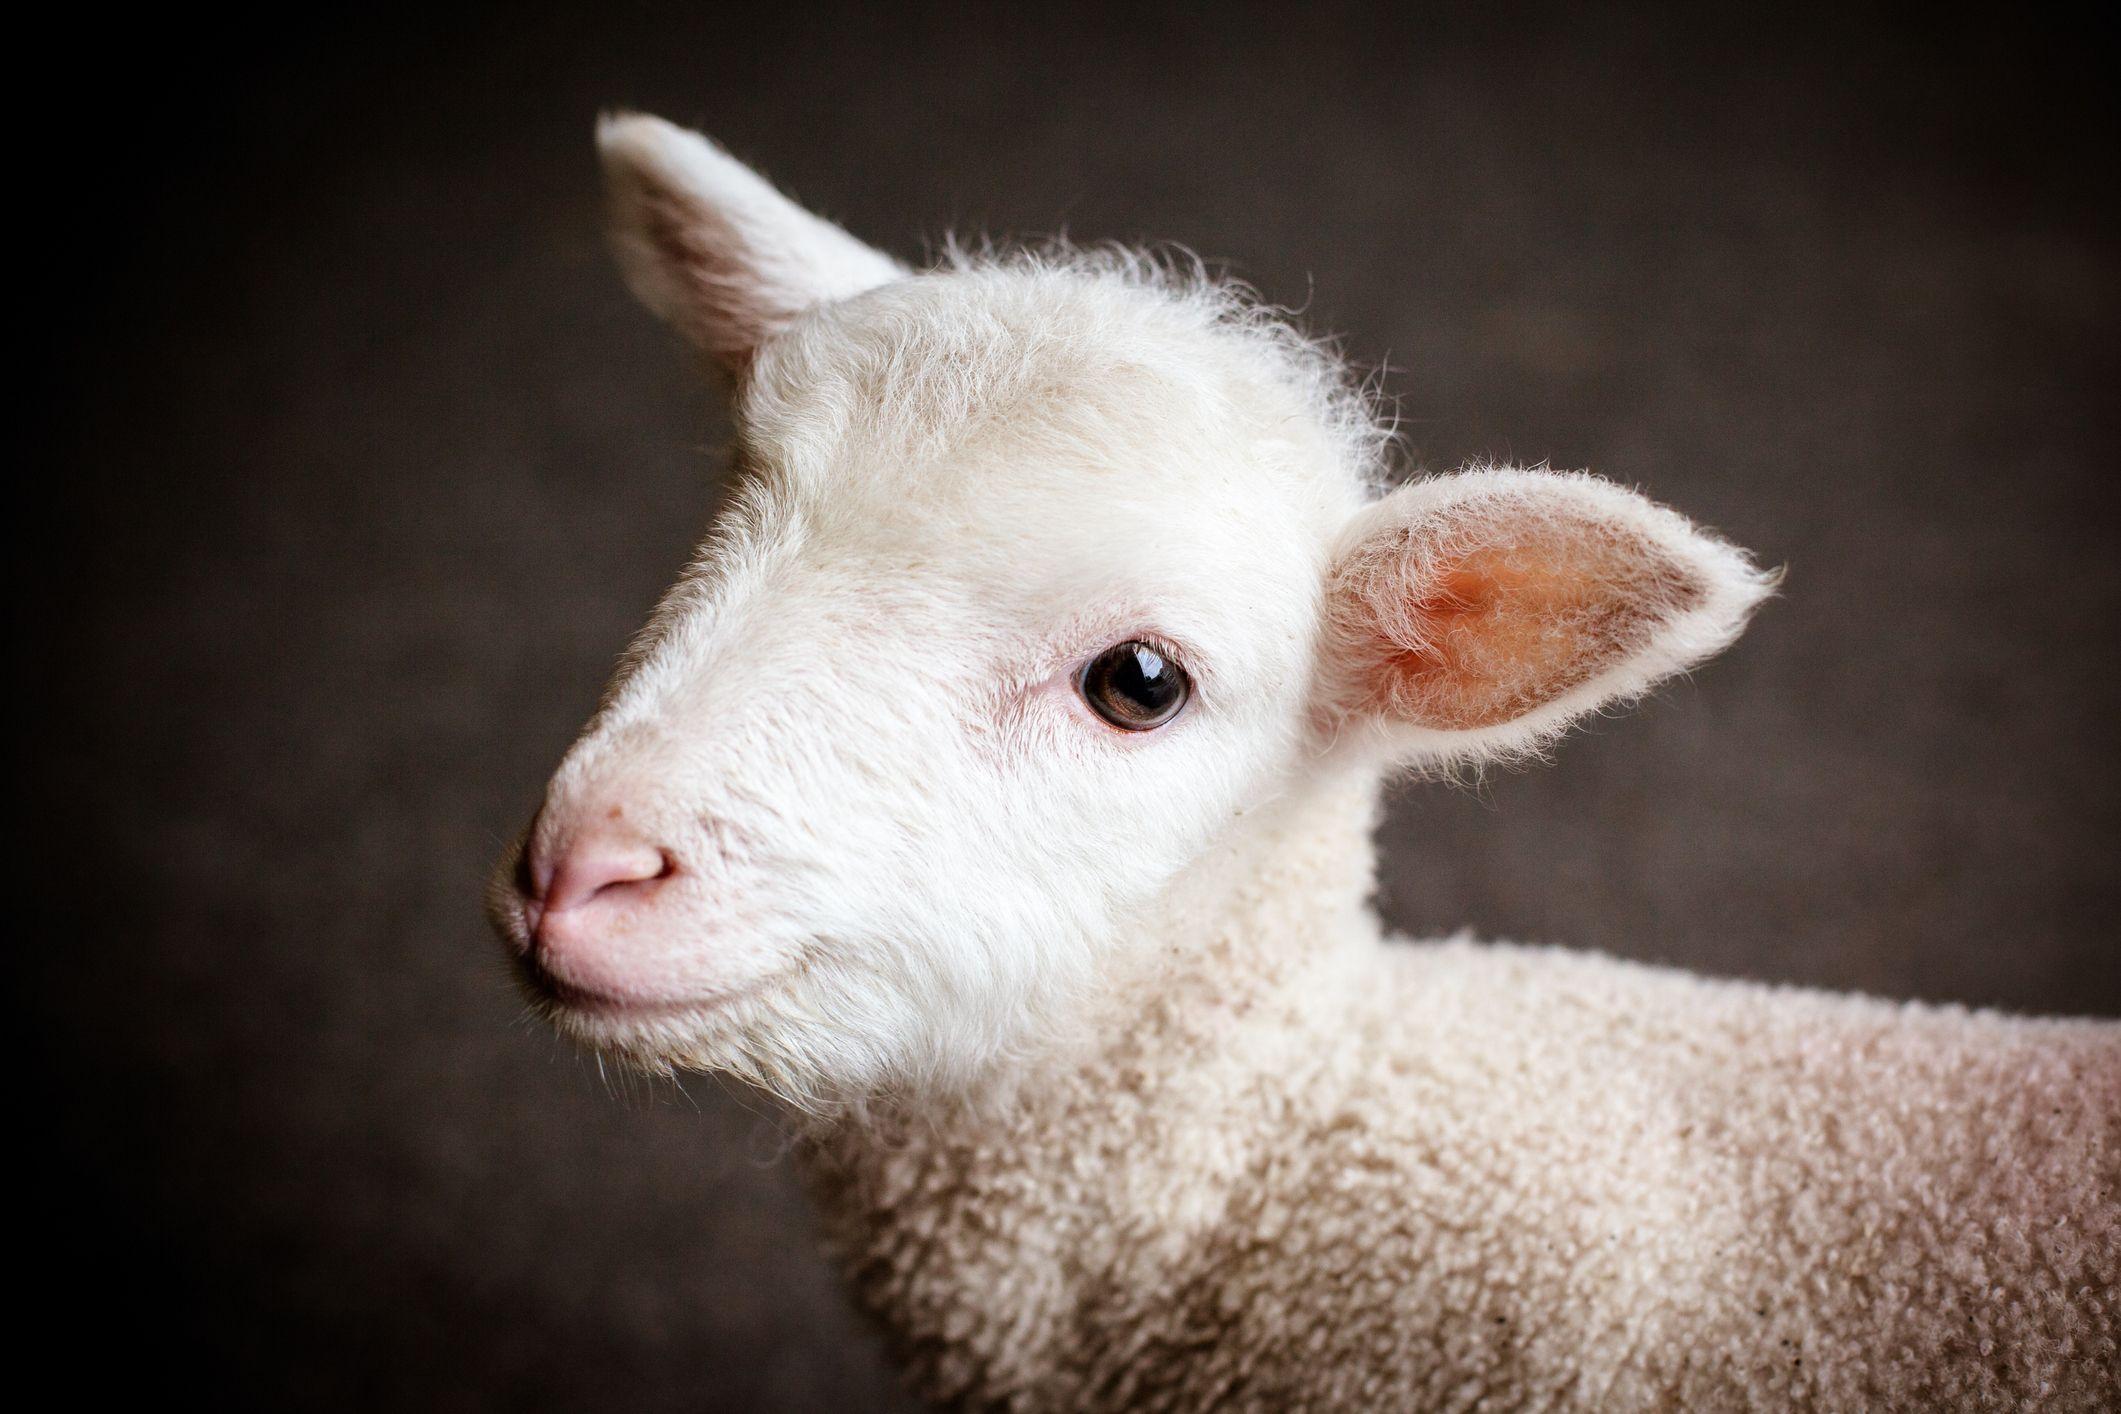 sheep-lamb-farm-stock